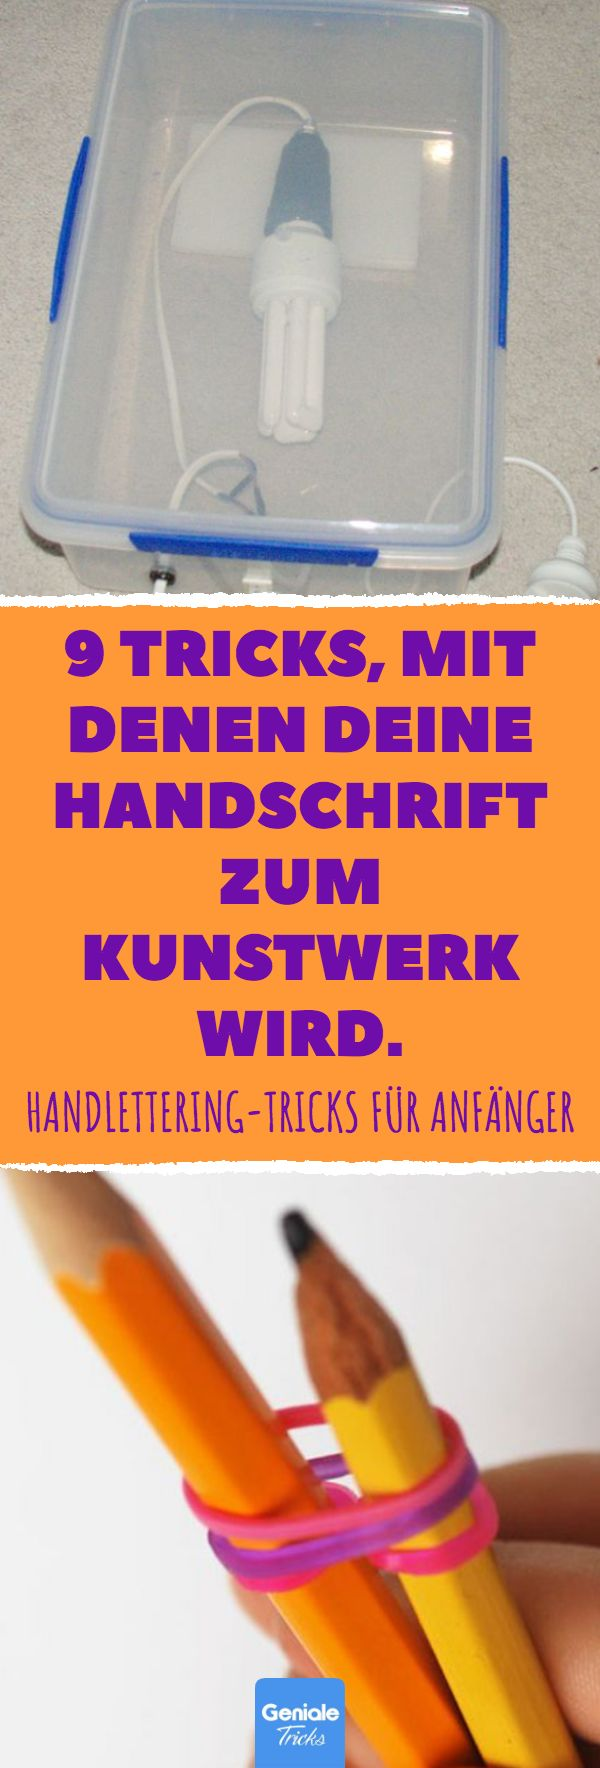 9 Tricks, mit denen deine Handschrift zum Kunstwerk wird. Handlettering: 9 Tipps… – Geniale Tricks